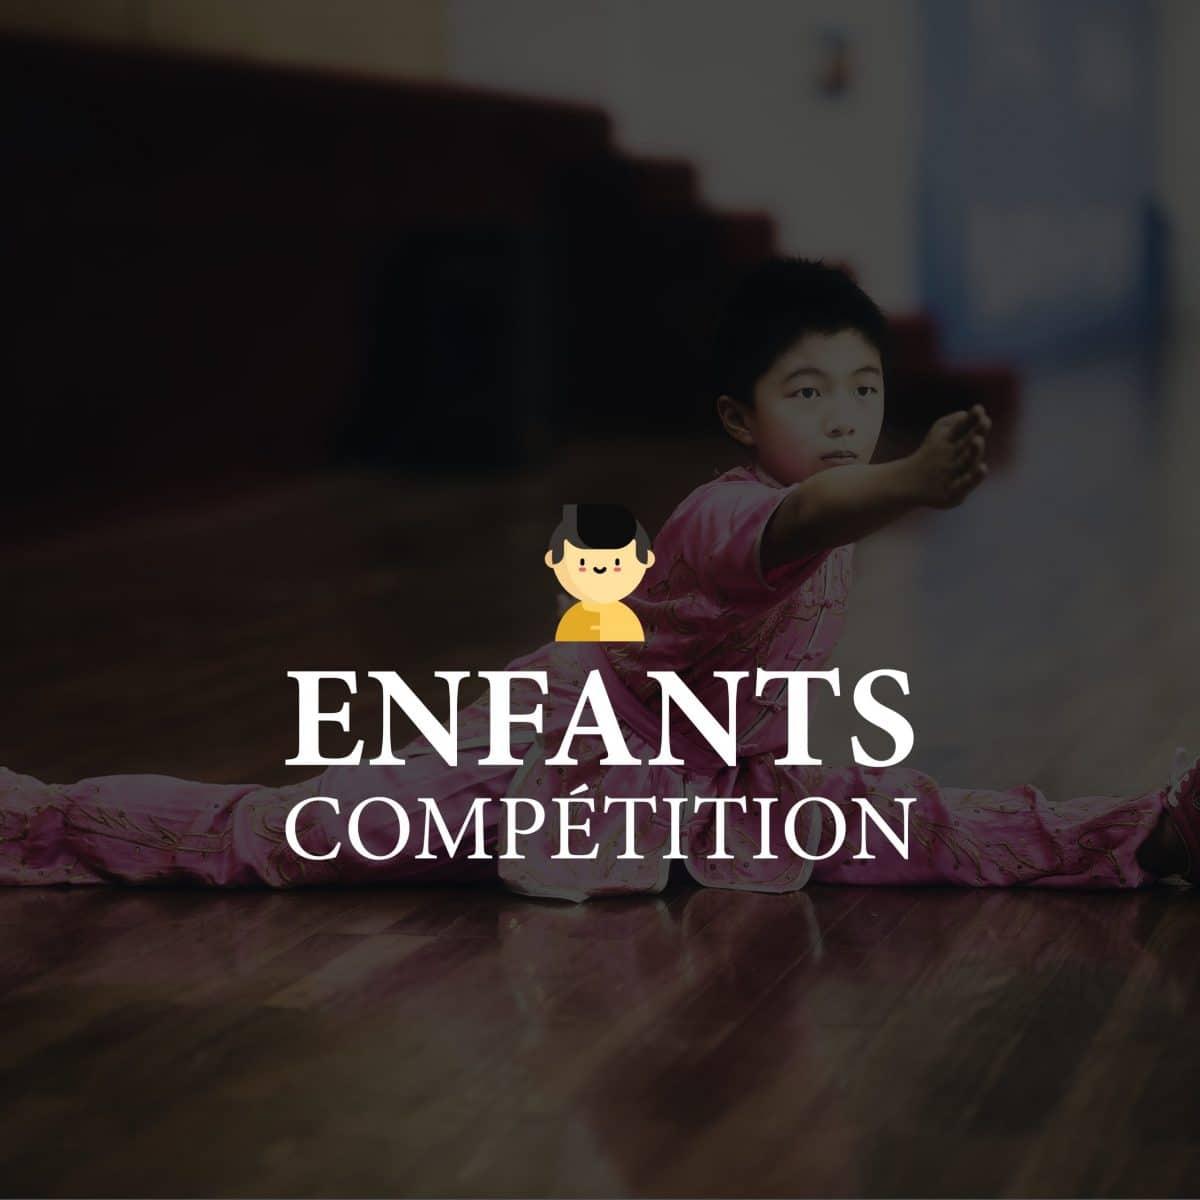 """Cours compétition """"Enfants"""" - Tan Hill, Yorkshire du Nord"""